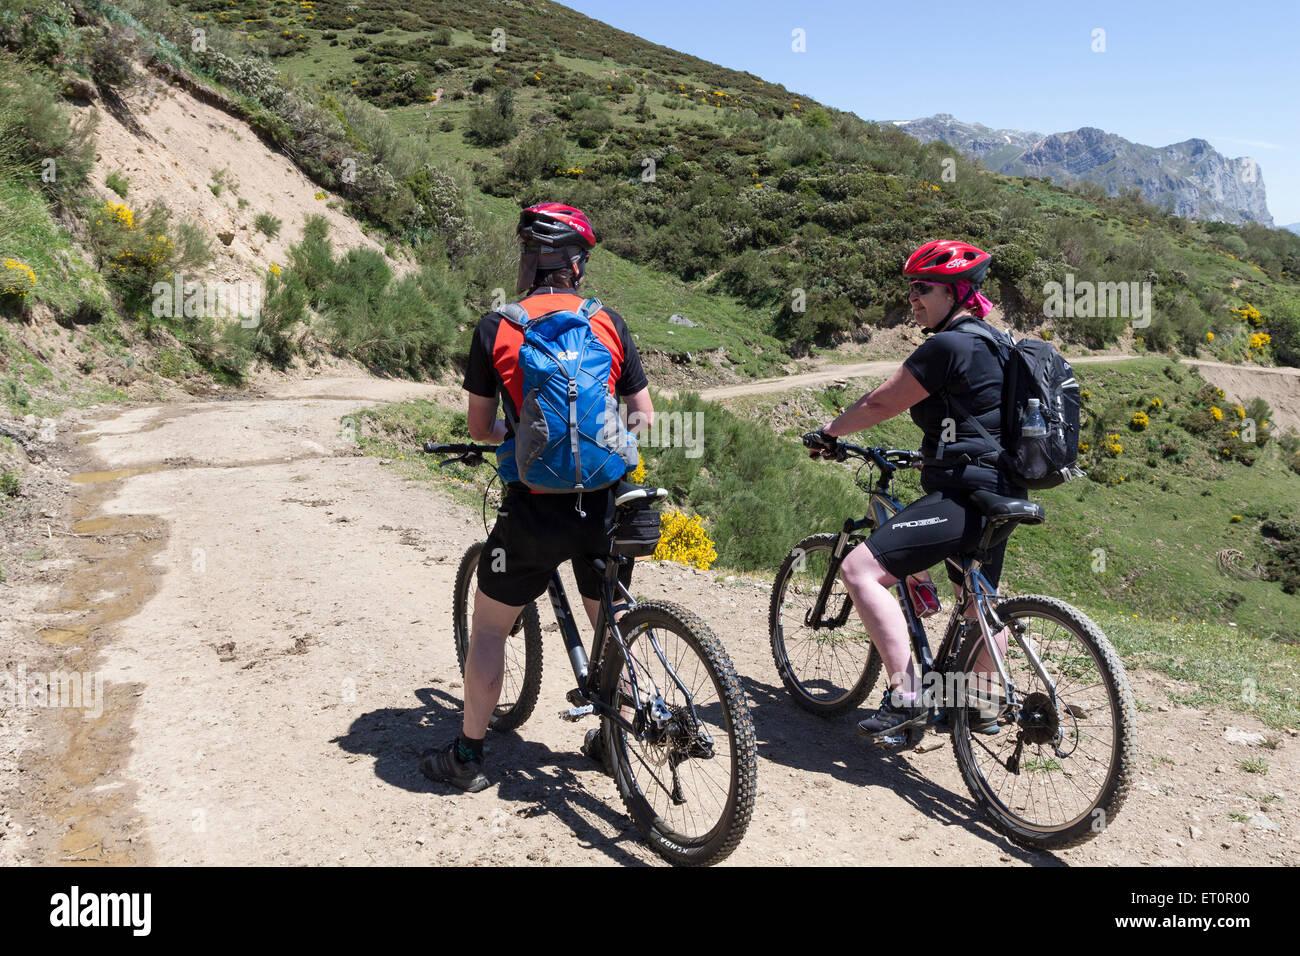 Mountain Bikers Near Fuenta De, Picos de Europa Mountains, Cordillera Cantabria, Spain - Stock Image